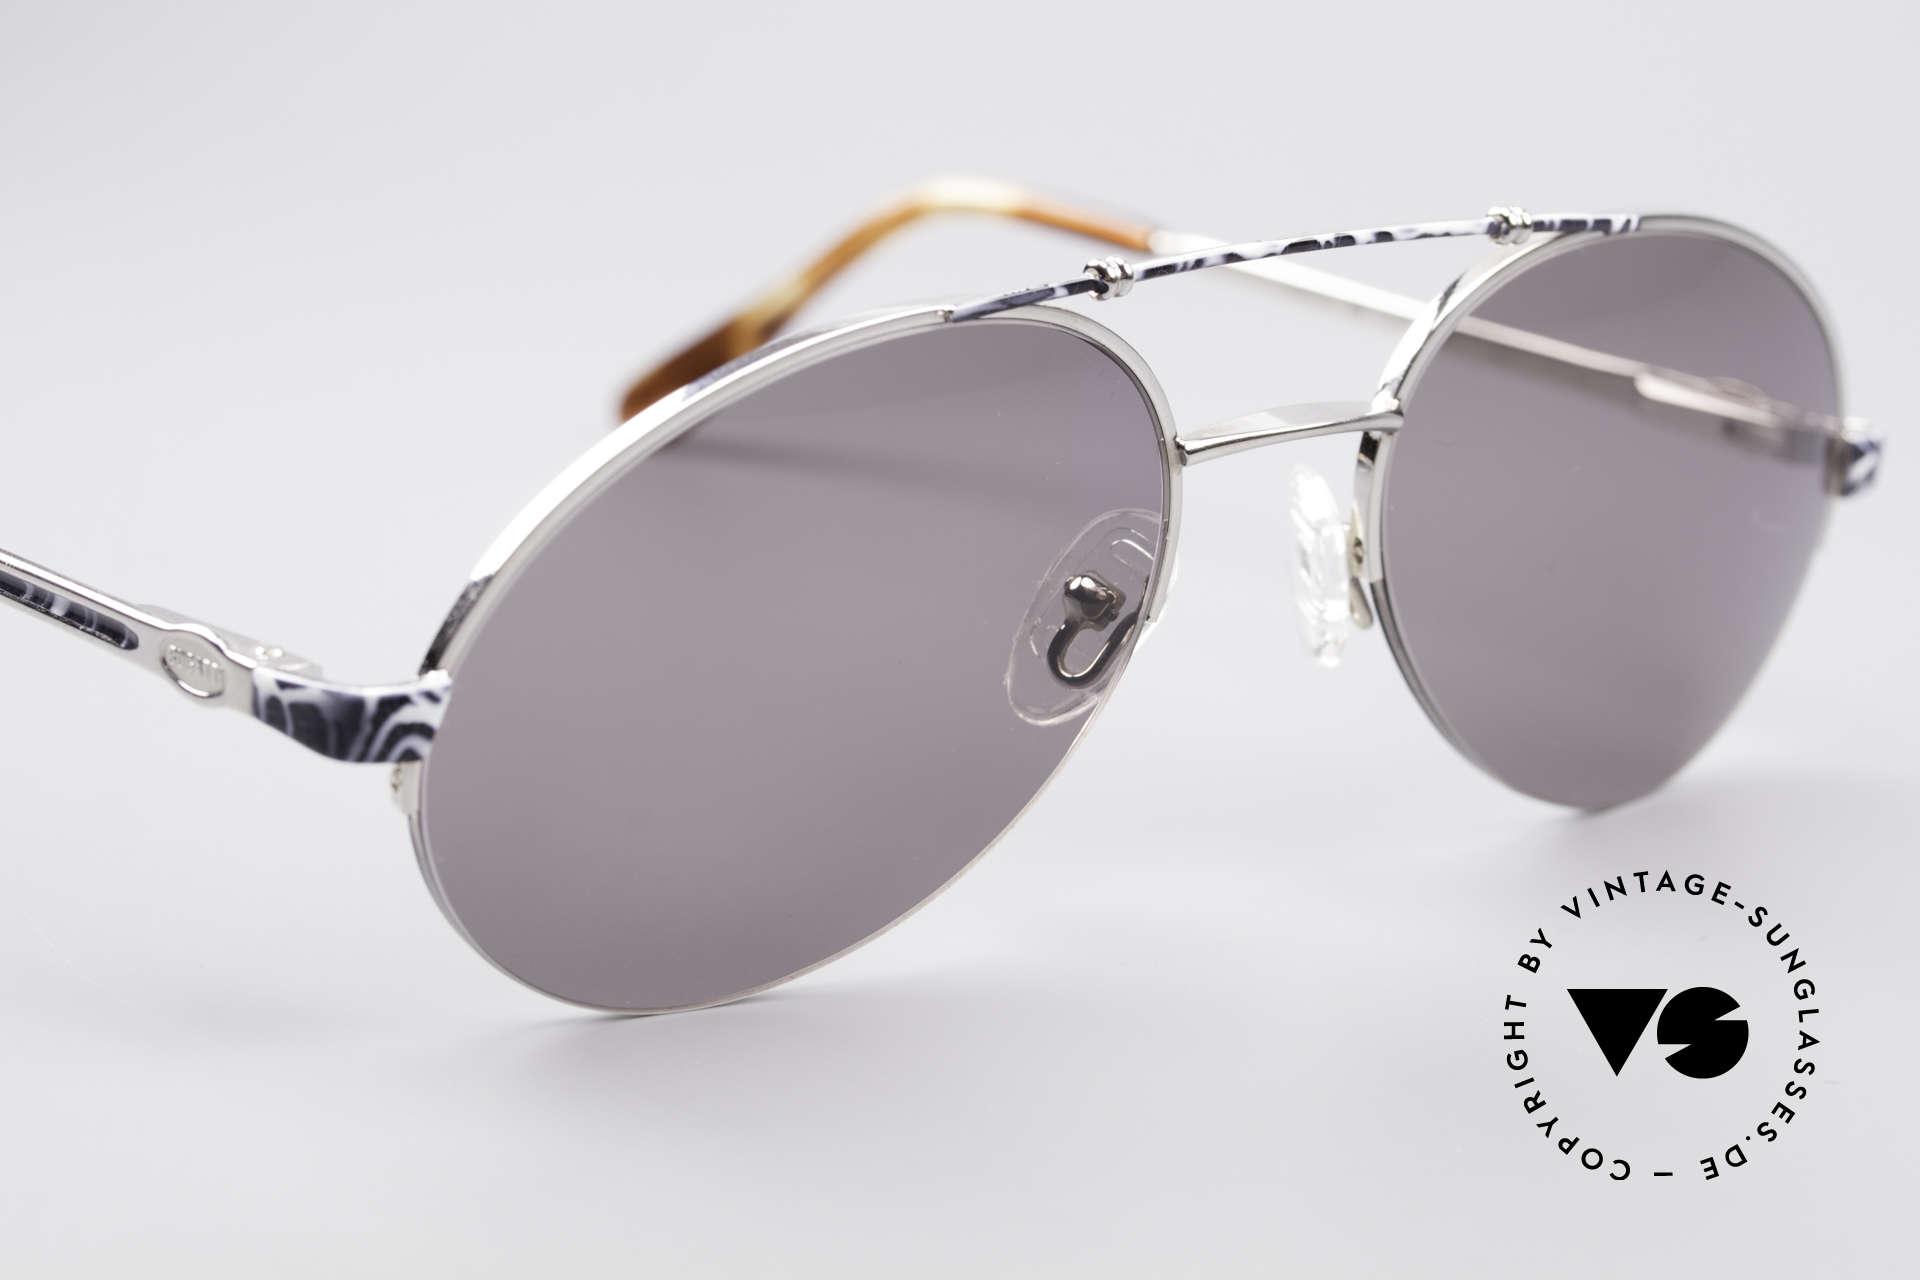 Bugatti 14651 90er Vintage Herrenbrille, ungetragen (wie alle unsere vintage BUGATTI Brillen), Passend für Herren